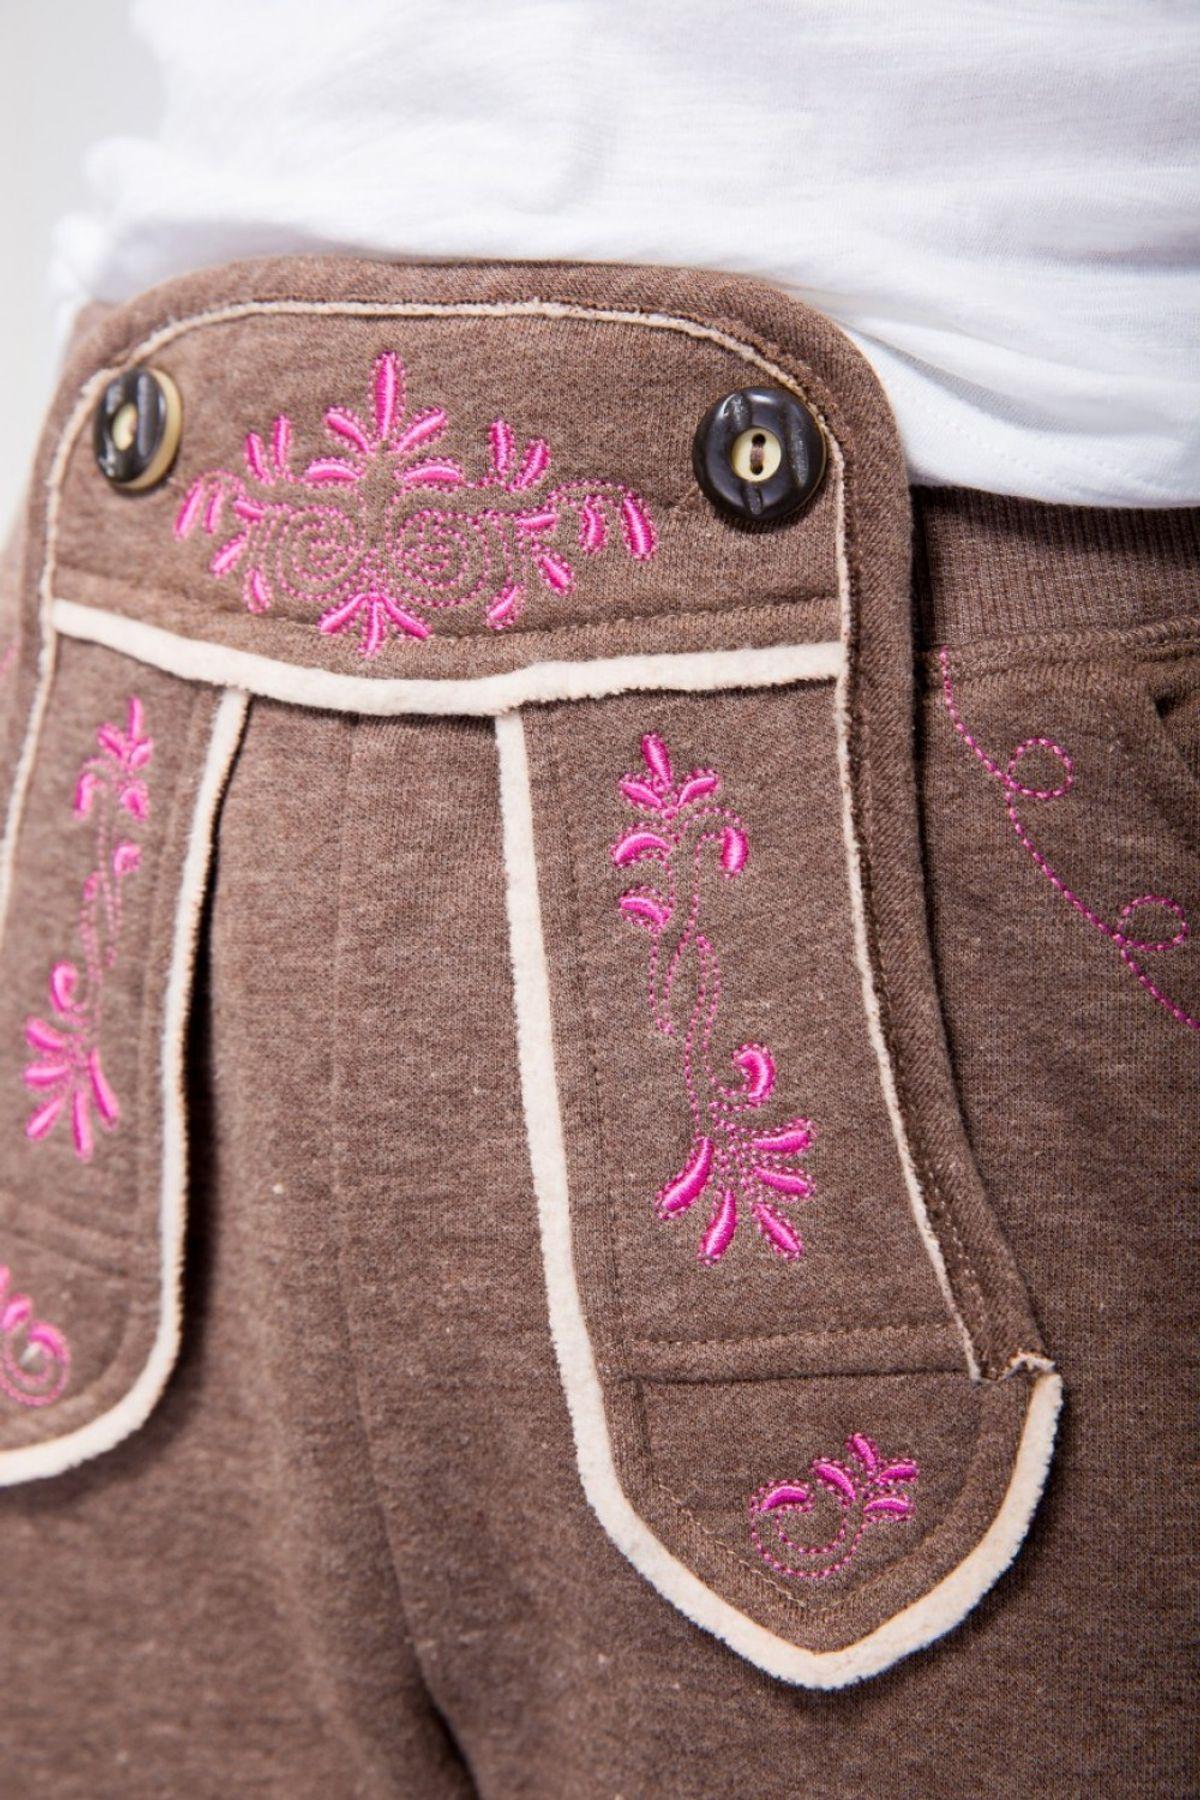 Krüger - Damen Trachtenhose im Kniebund-Lederhosen-Look in Braun, Array Joggers (Artikelnummer: 38310-7) – Bild 3